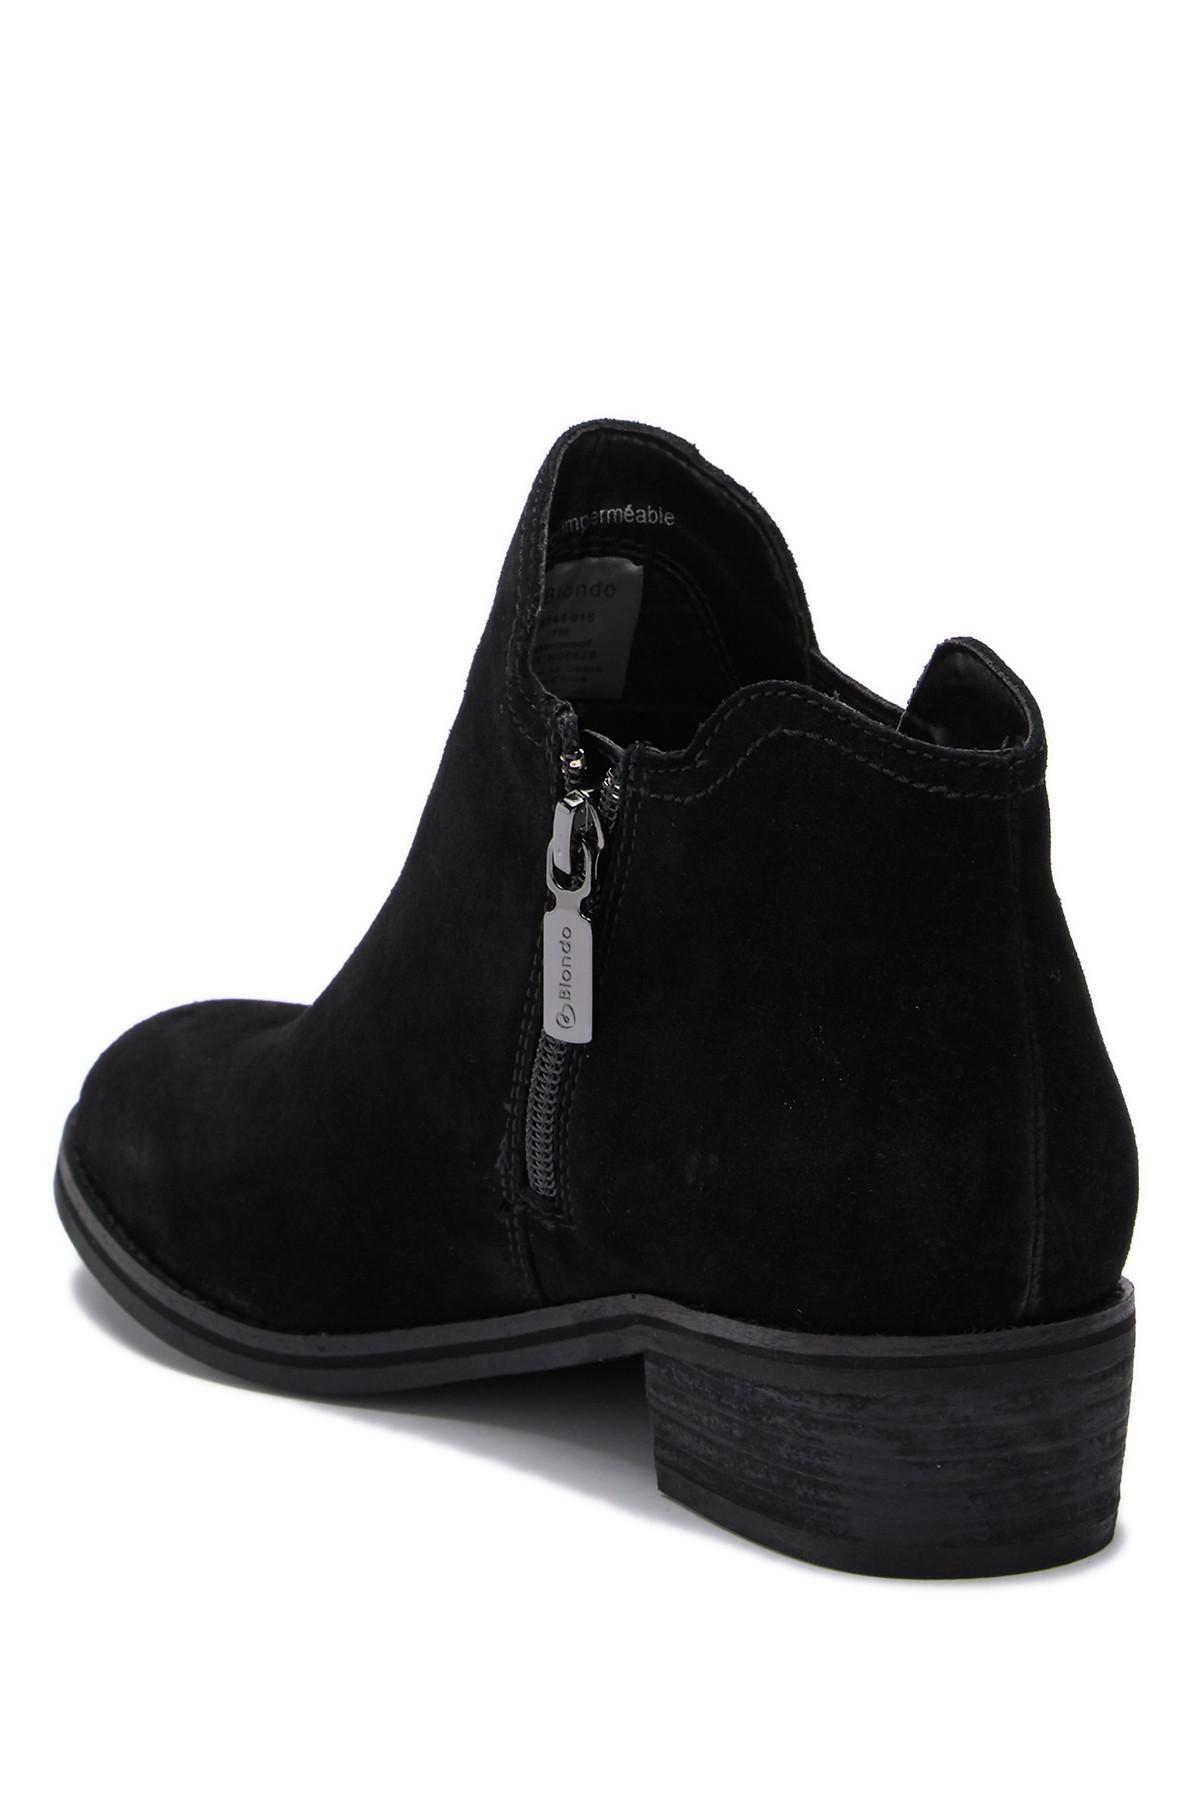 710c0293898 Blondo - Black Lanka Waterproof Suede Ankle Bootie - Lyst. View fullscreen